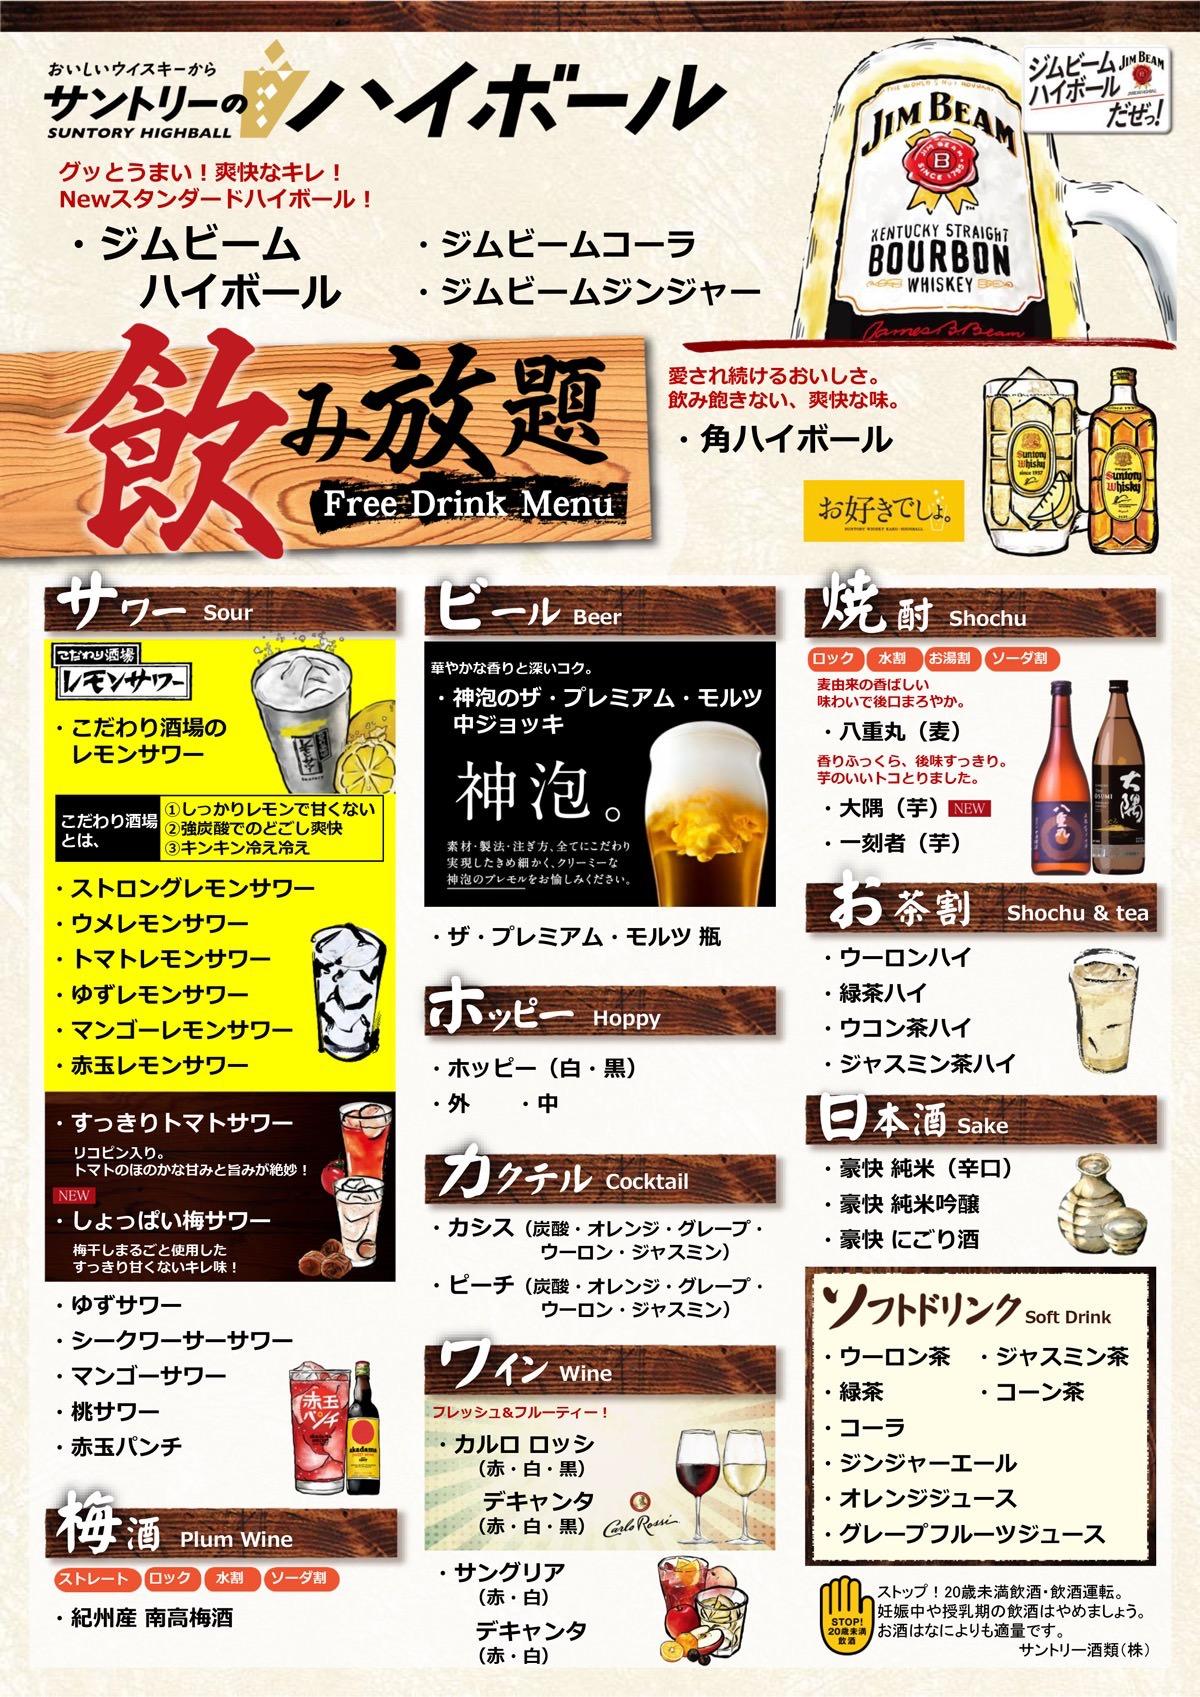 【木村屋本店】月額1,000円で定額飲み放題のサブスクを開始